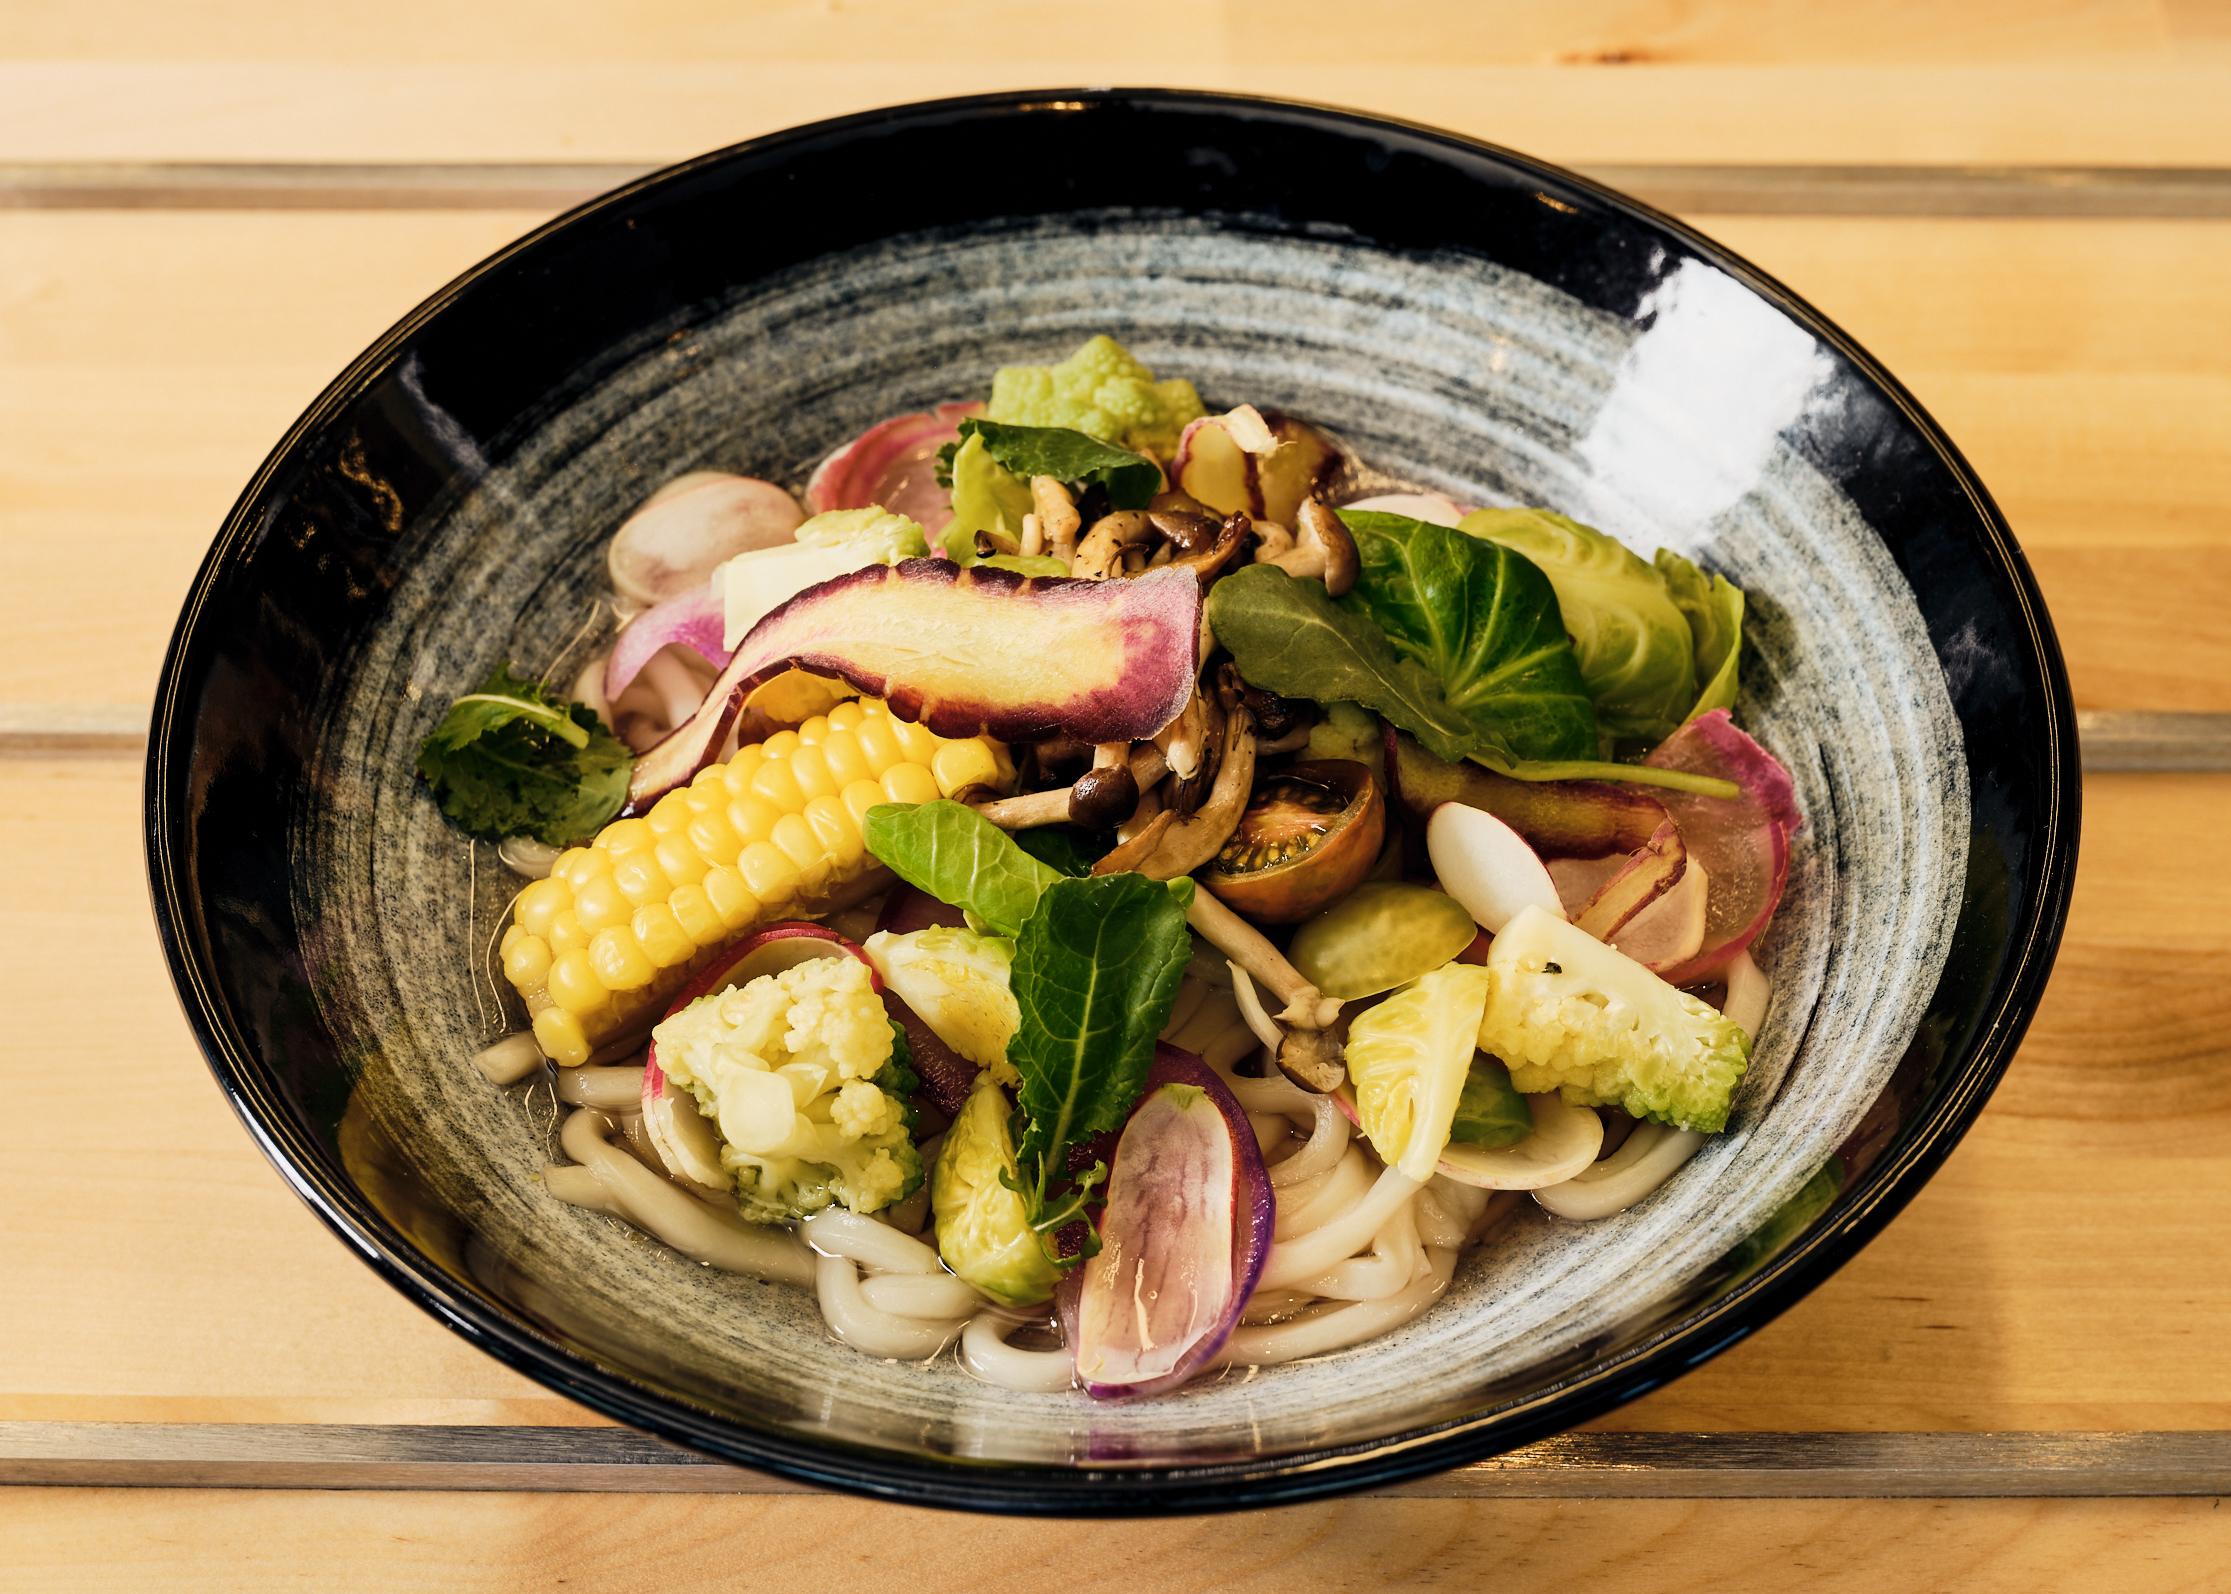 UdonTime_Vegetarian1116_creditDaveGreer.jpg